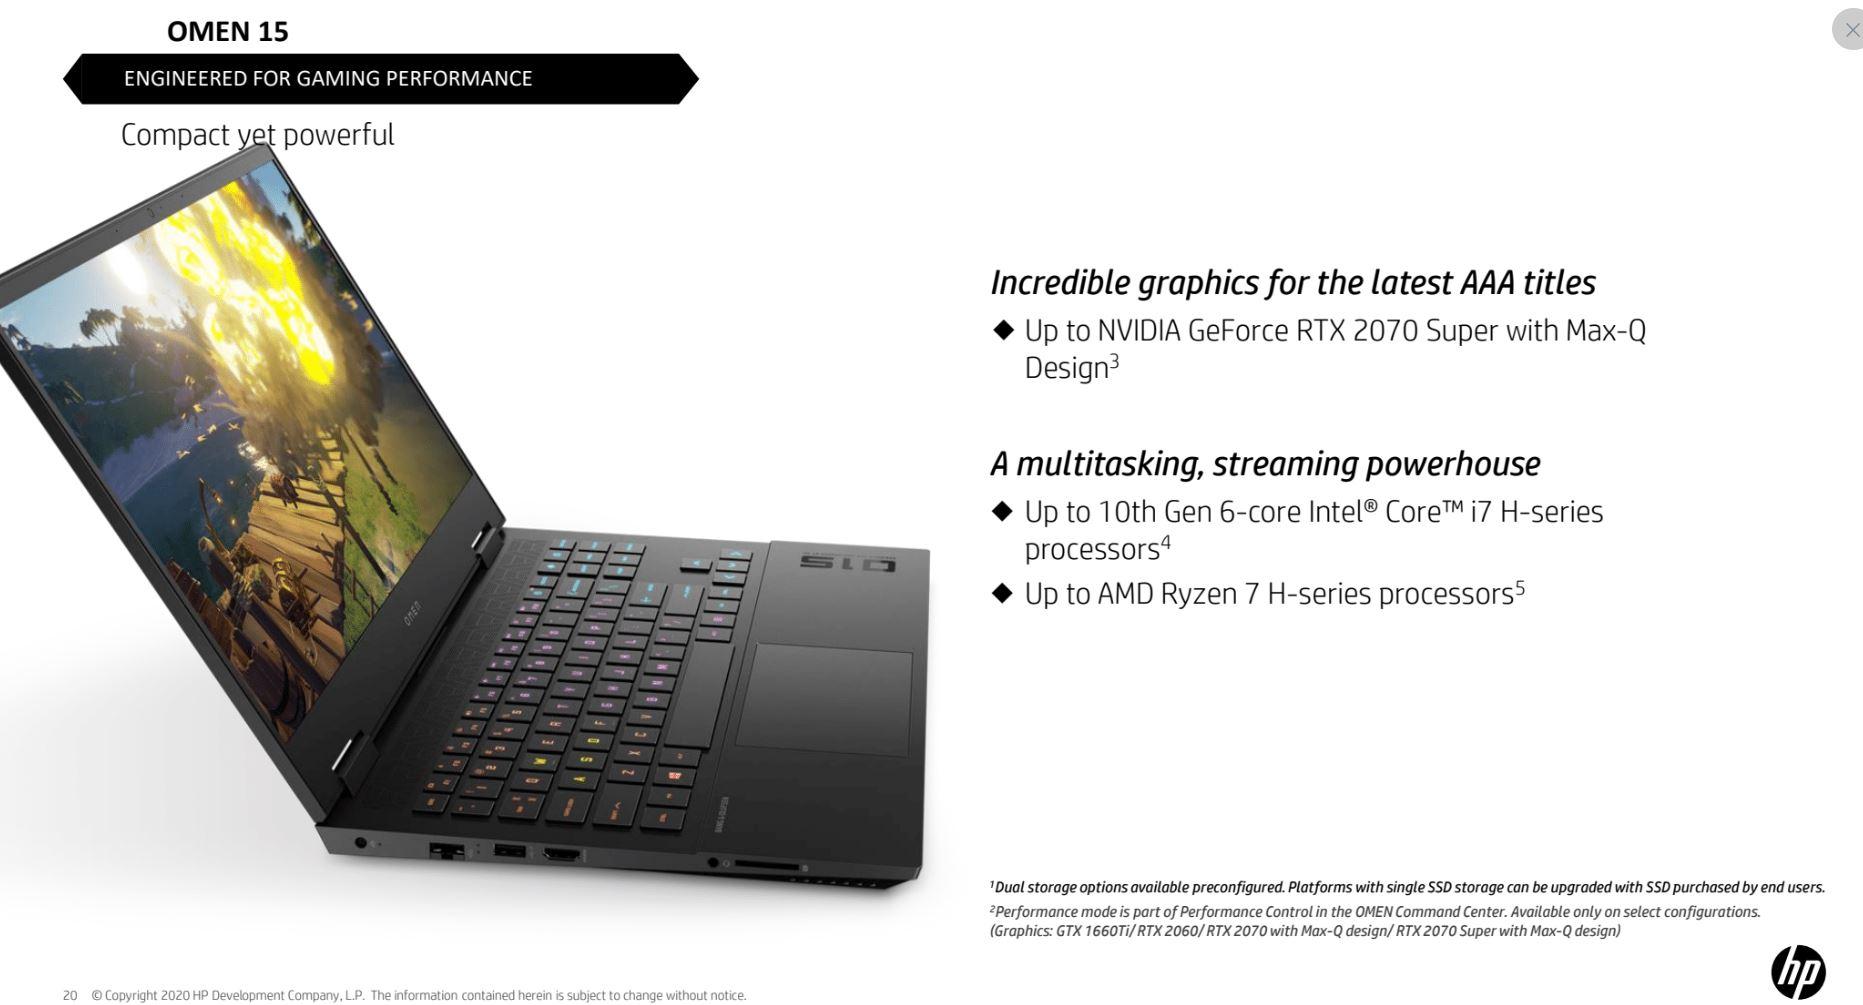 HP Omen 15 hardware